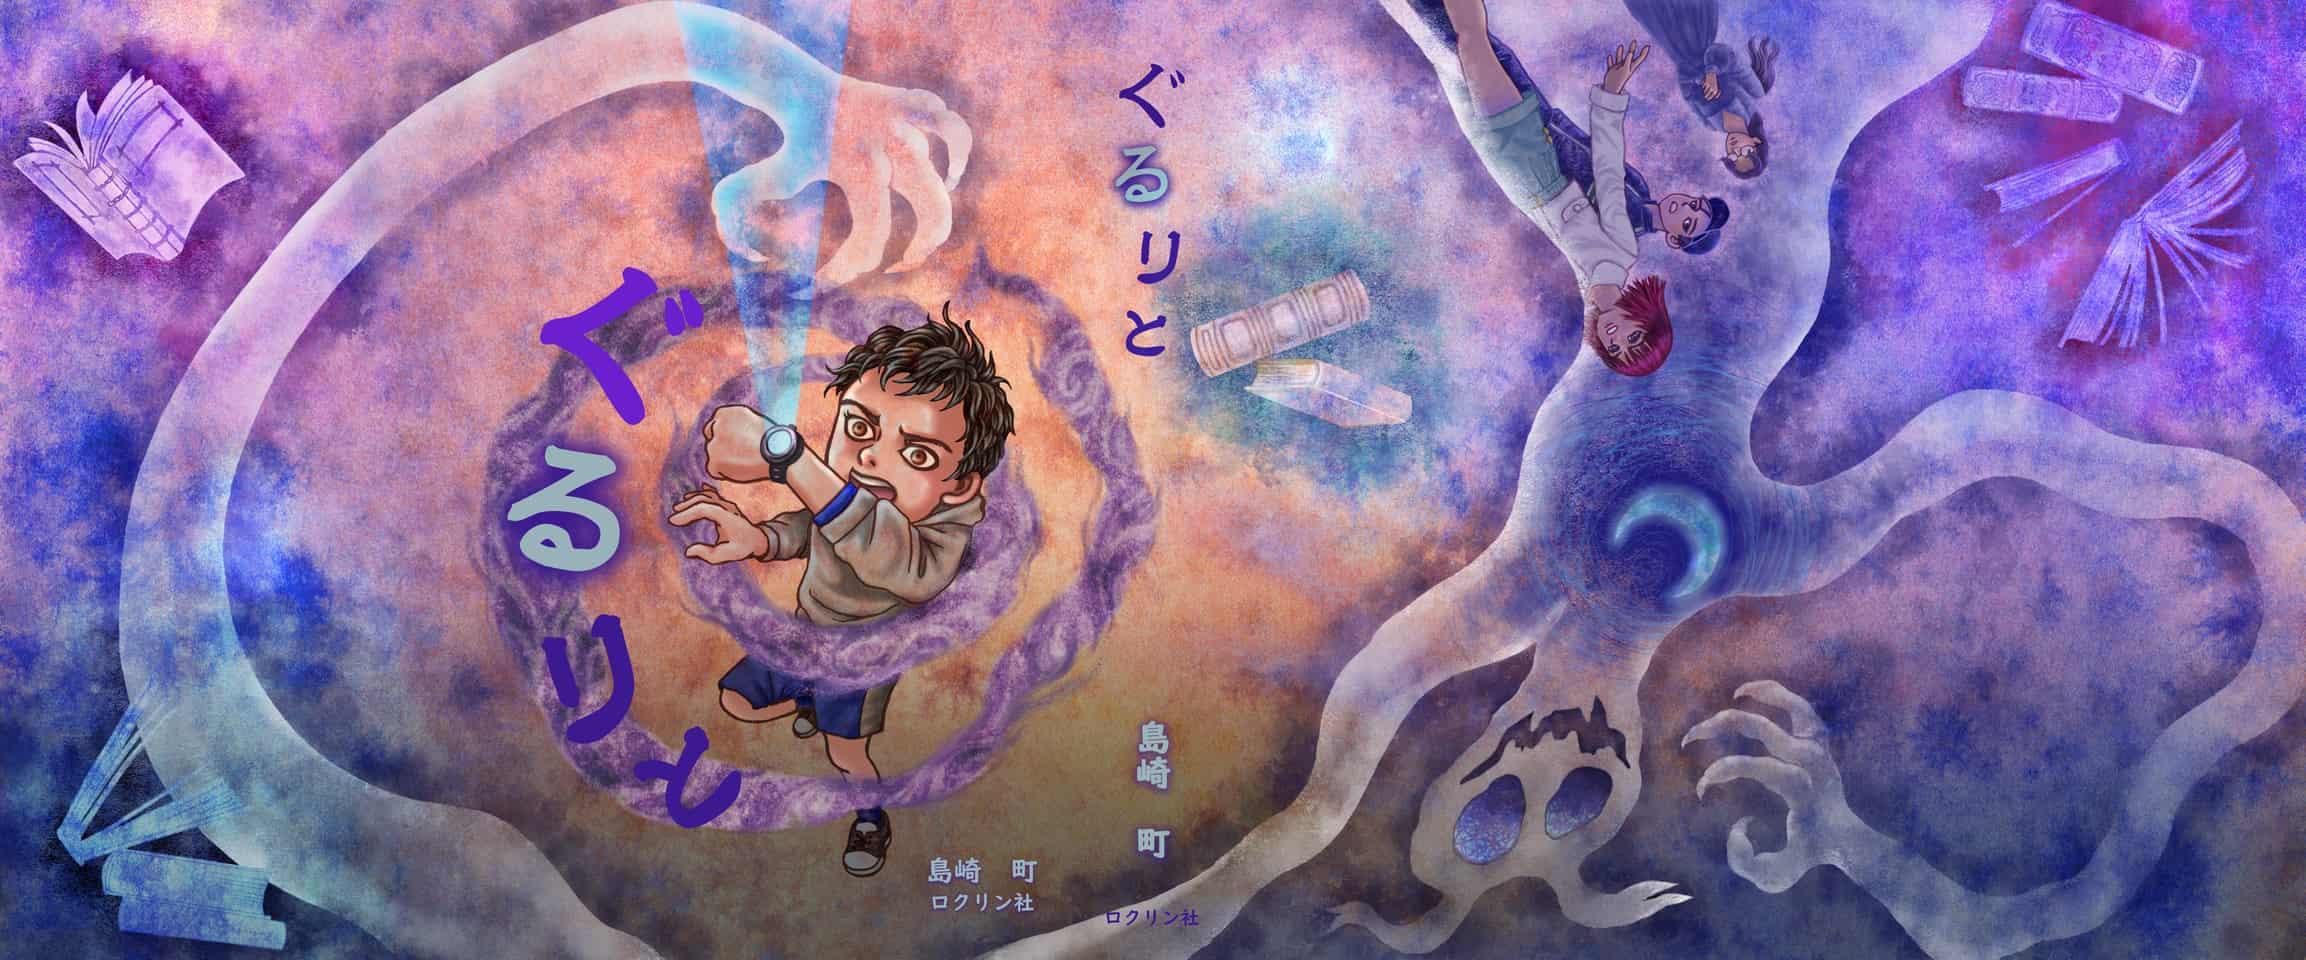 ぐるりと Illust of Suilan fantasy Spinning_contest 逆さま 本 化け物 boy moon girl 渦 monster illustration